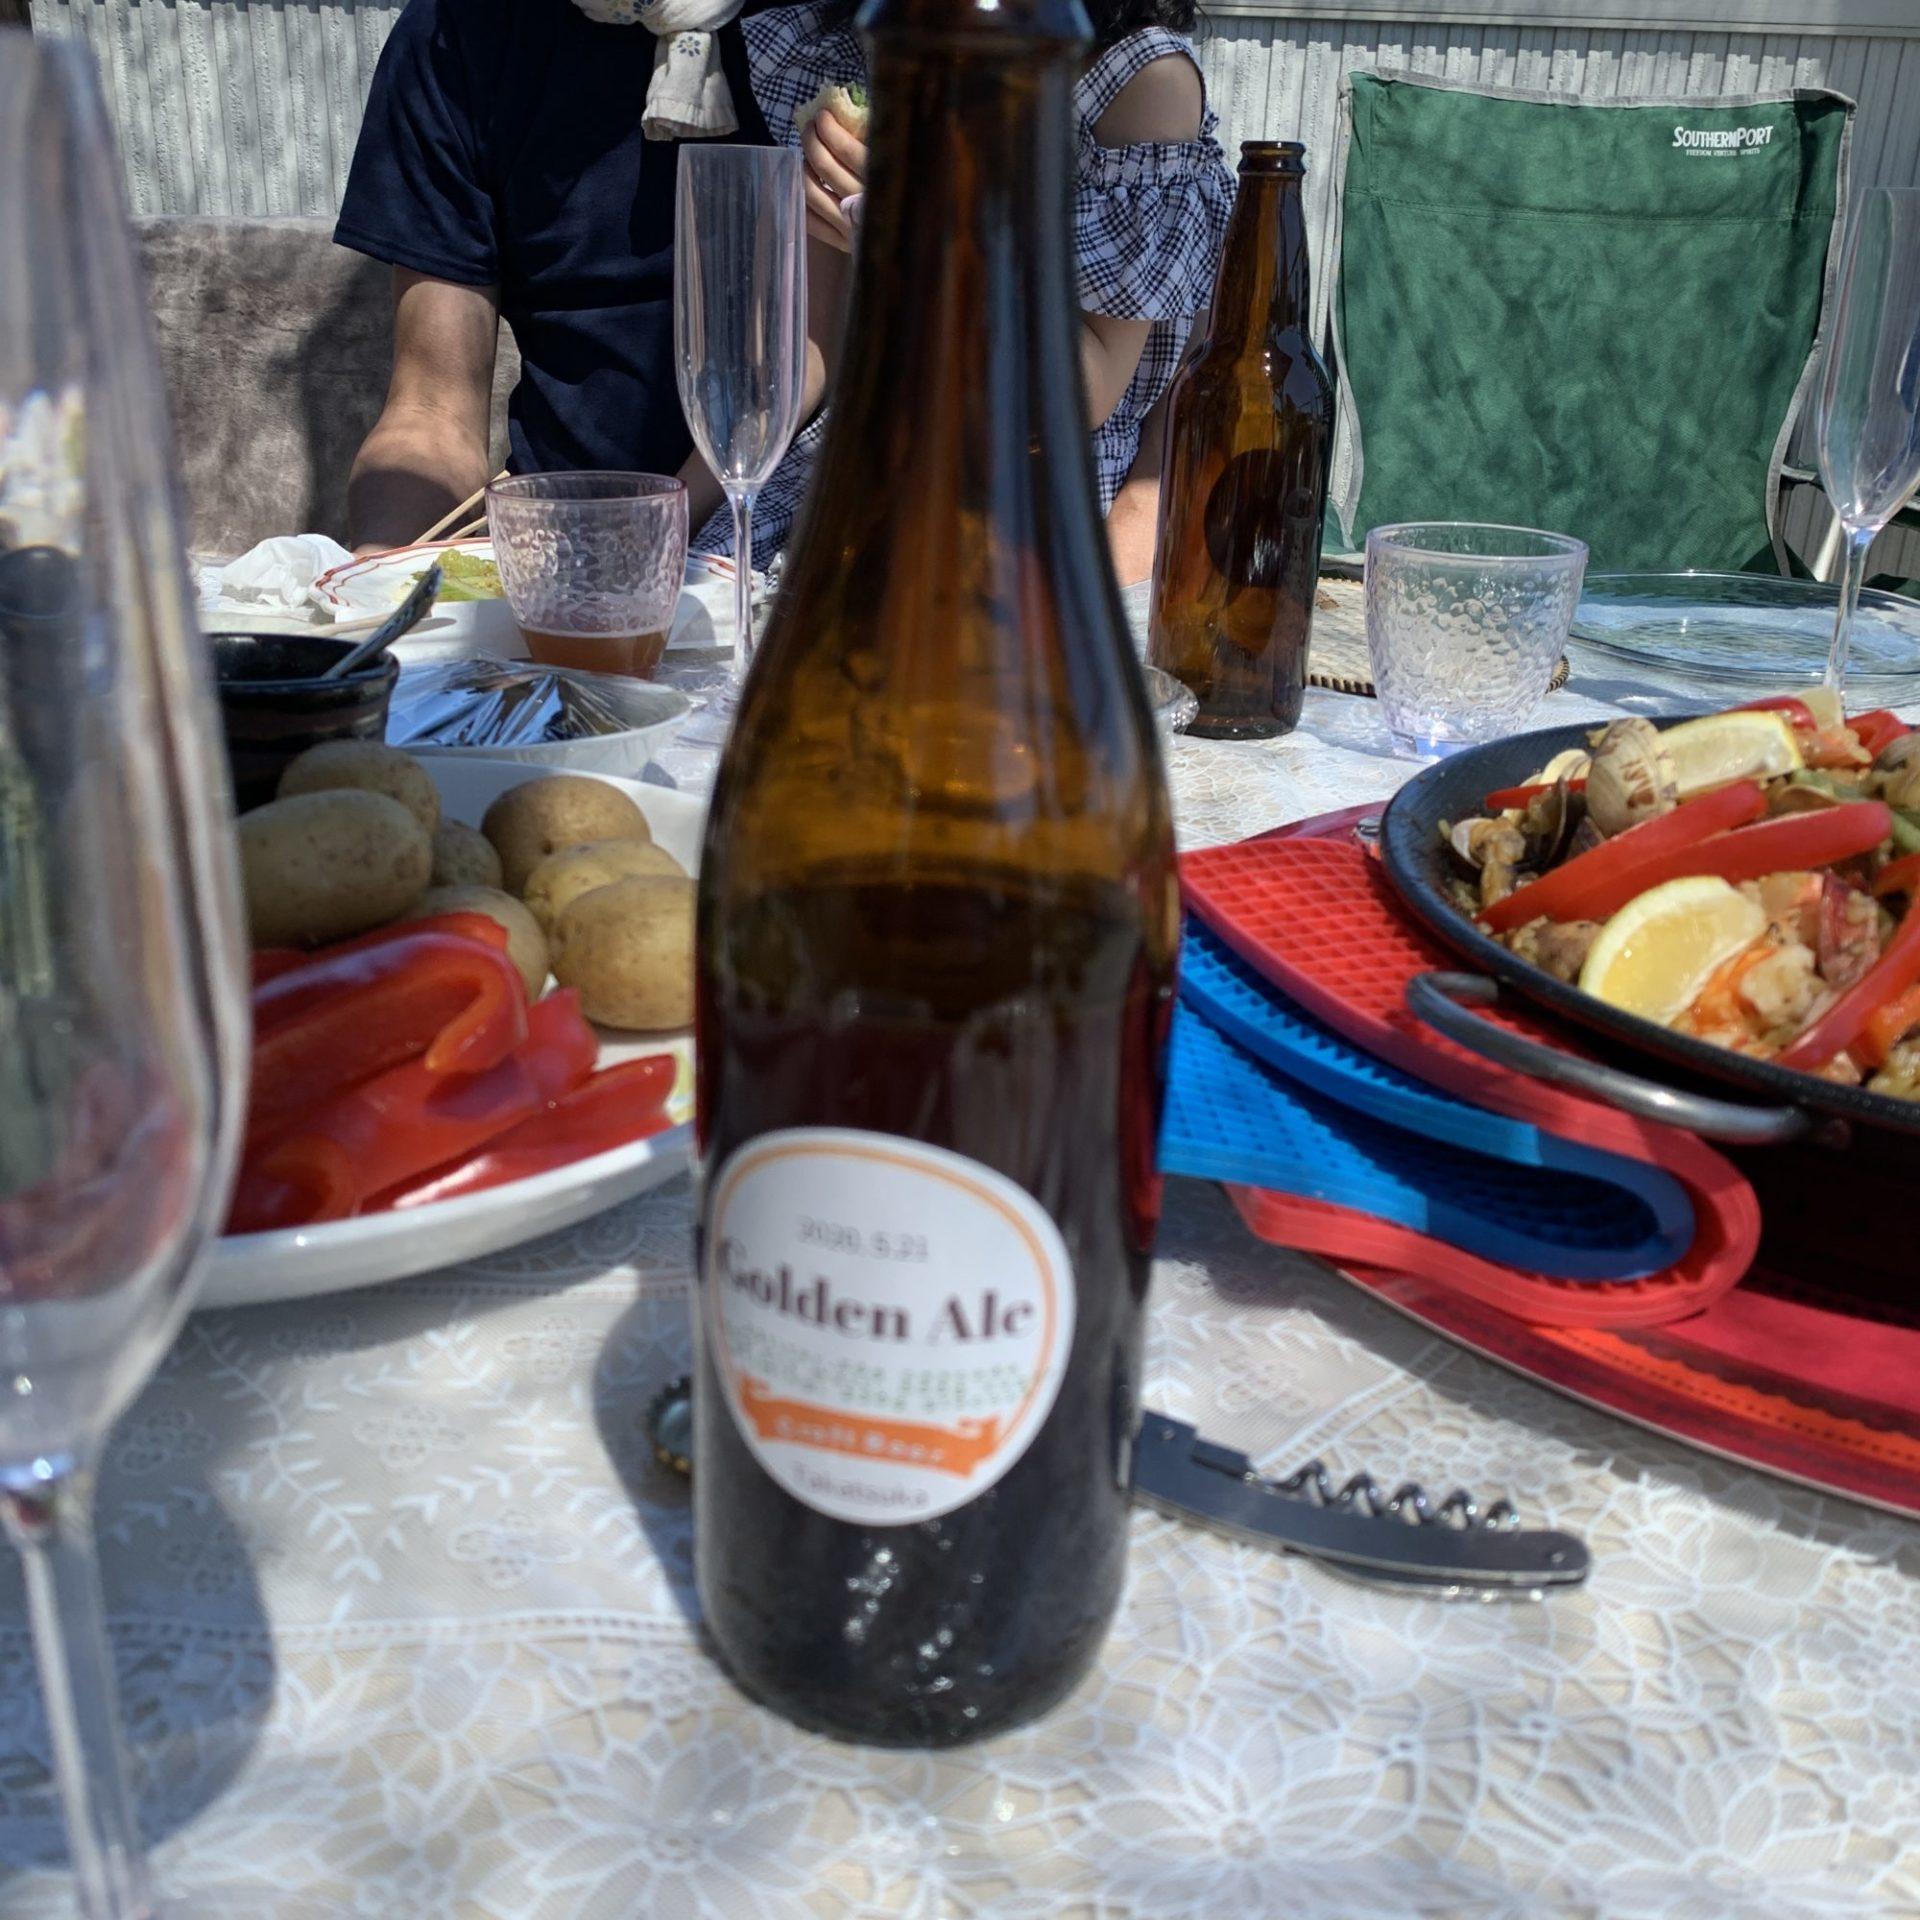 屋上バーベキューで持ち寄りの食材と自家製ビールの味わいは、贅沢この上ない楽しい時間でした。